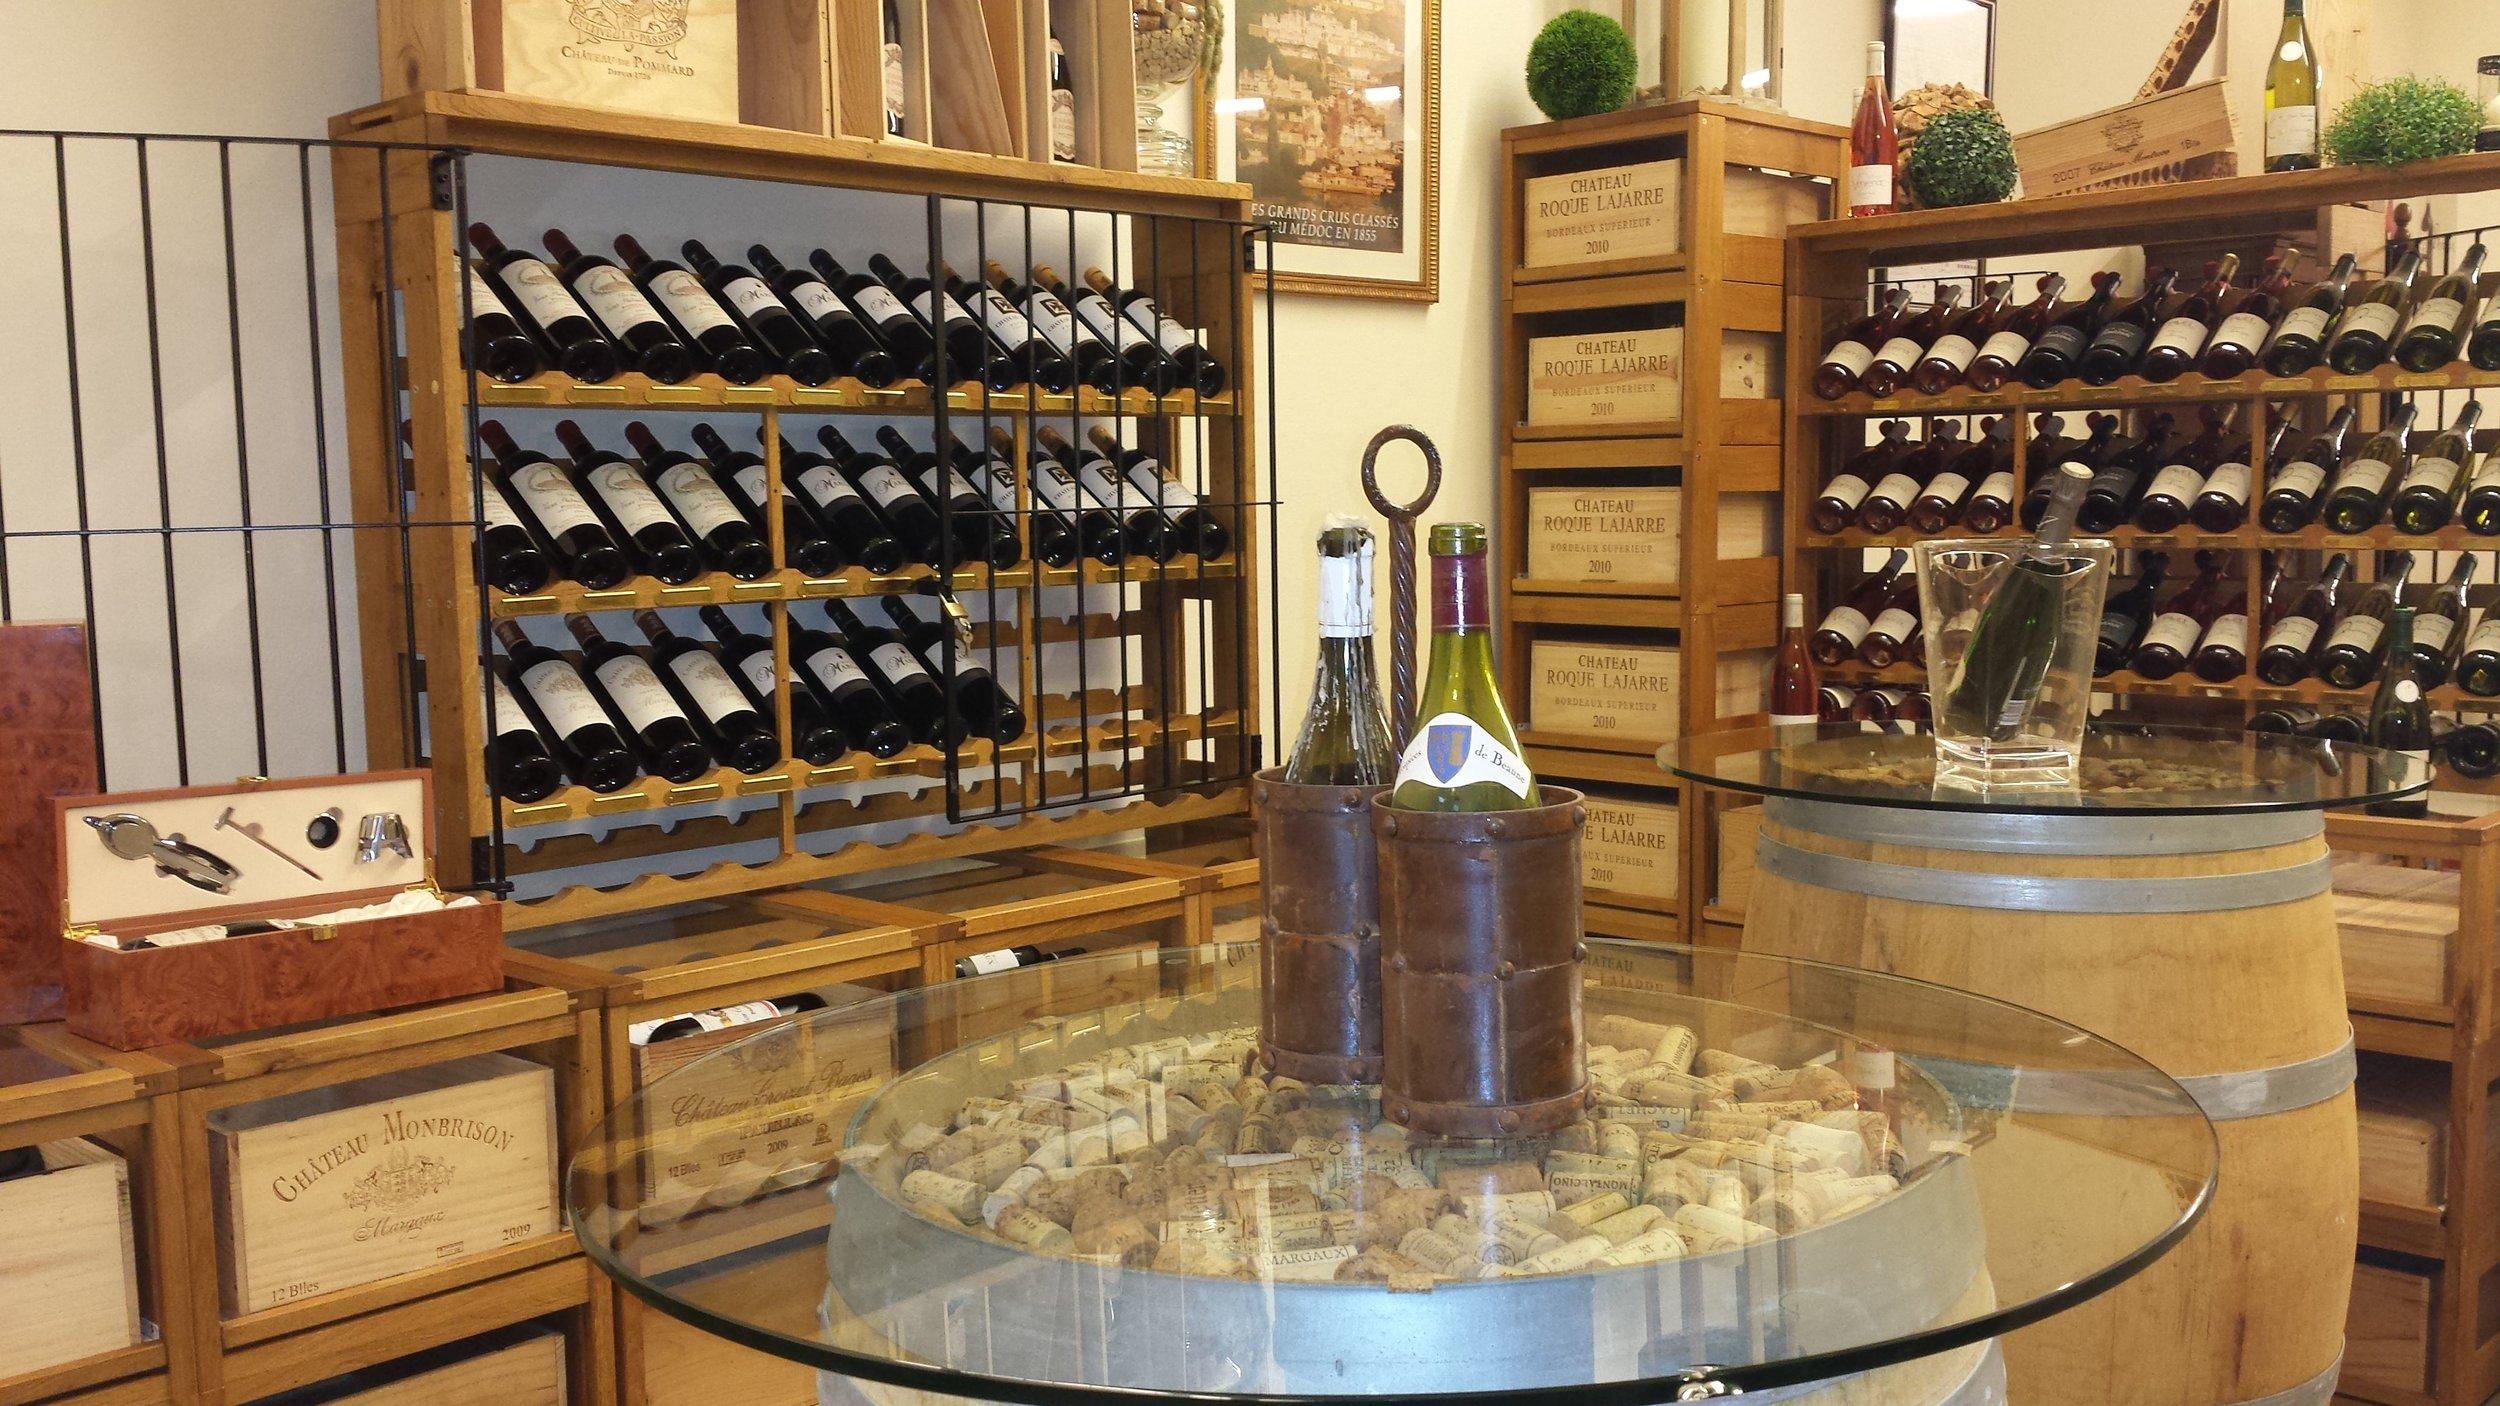 — Die WeinLounge mieten — - Ob Hochzeiten, Geburtstage oder Vorträge, mieten Sie die WeinLounge LeBaron